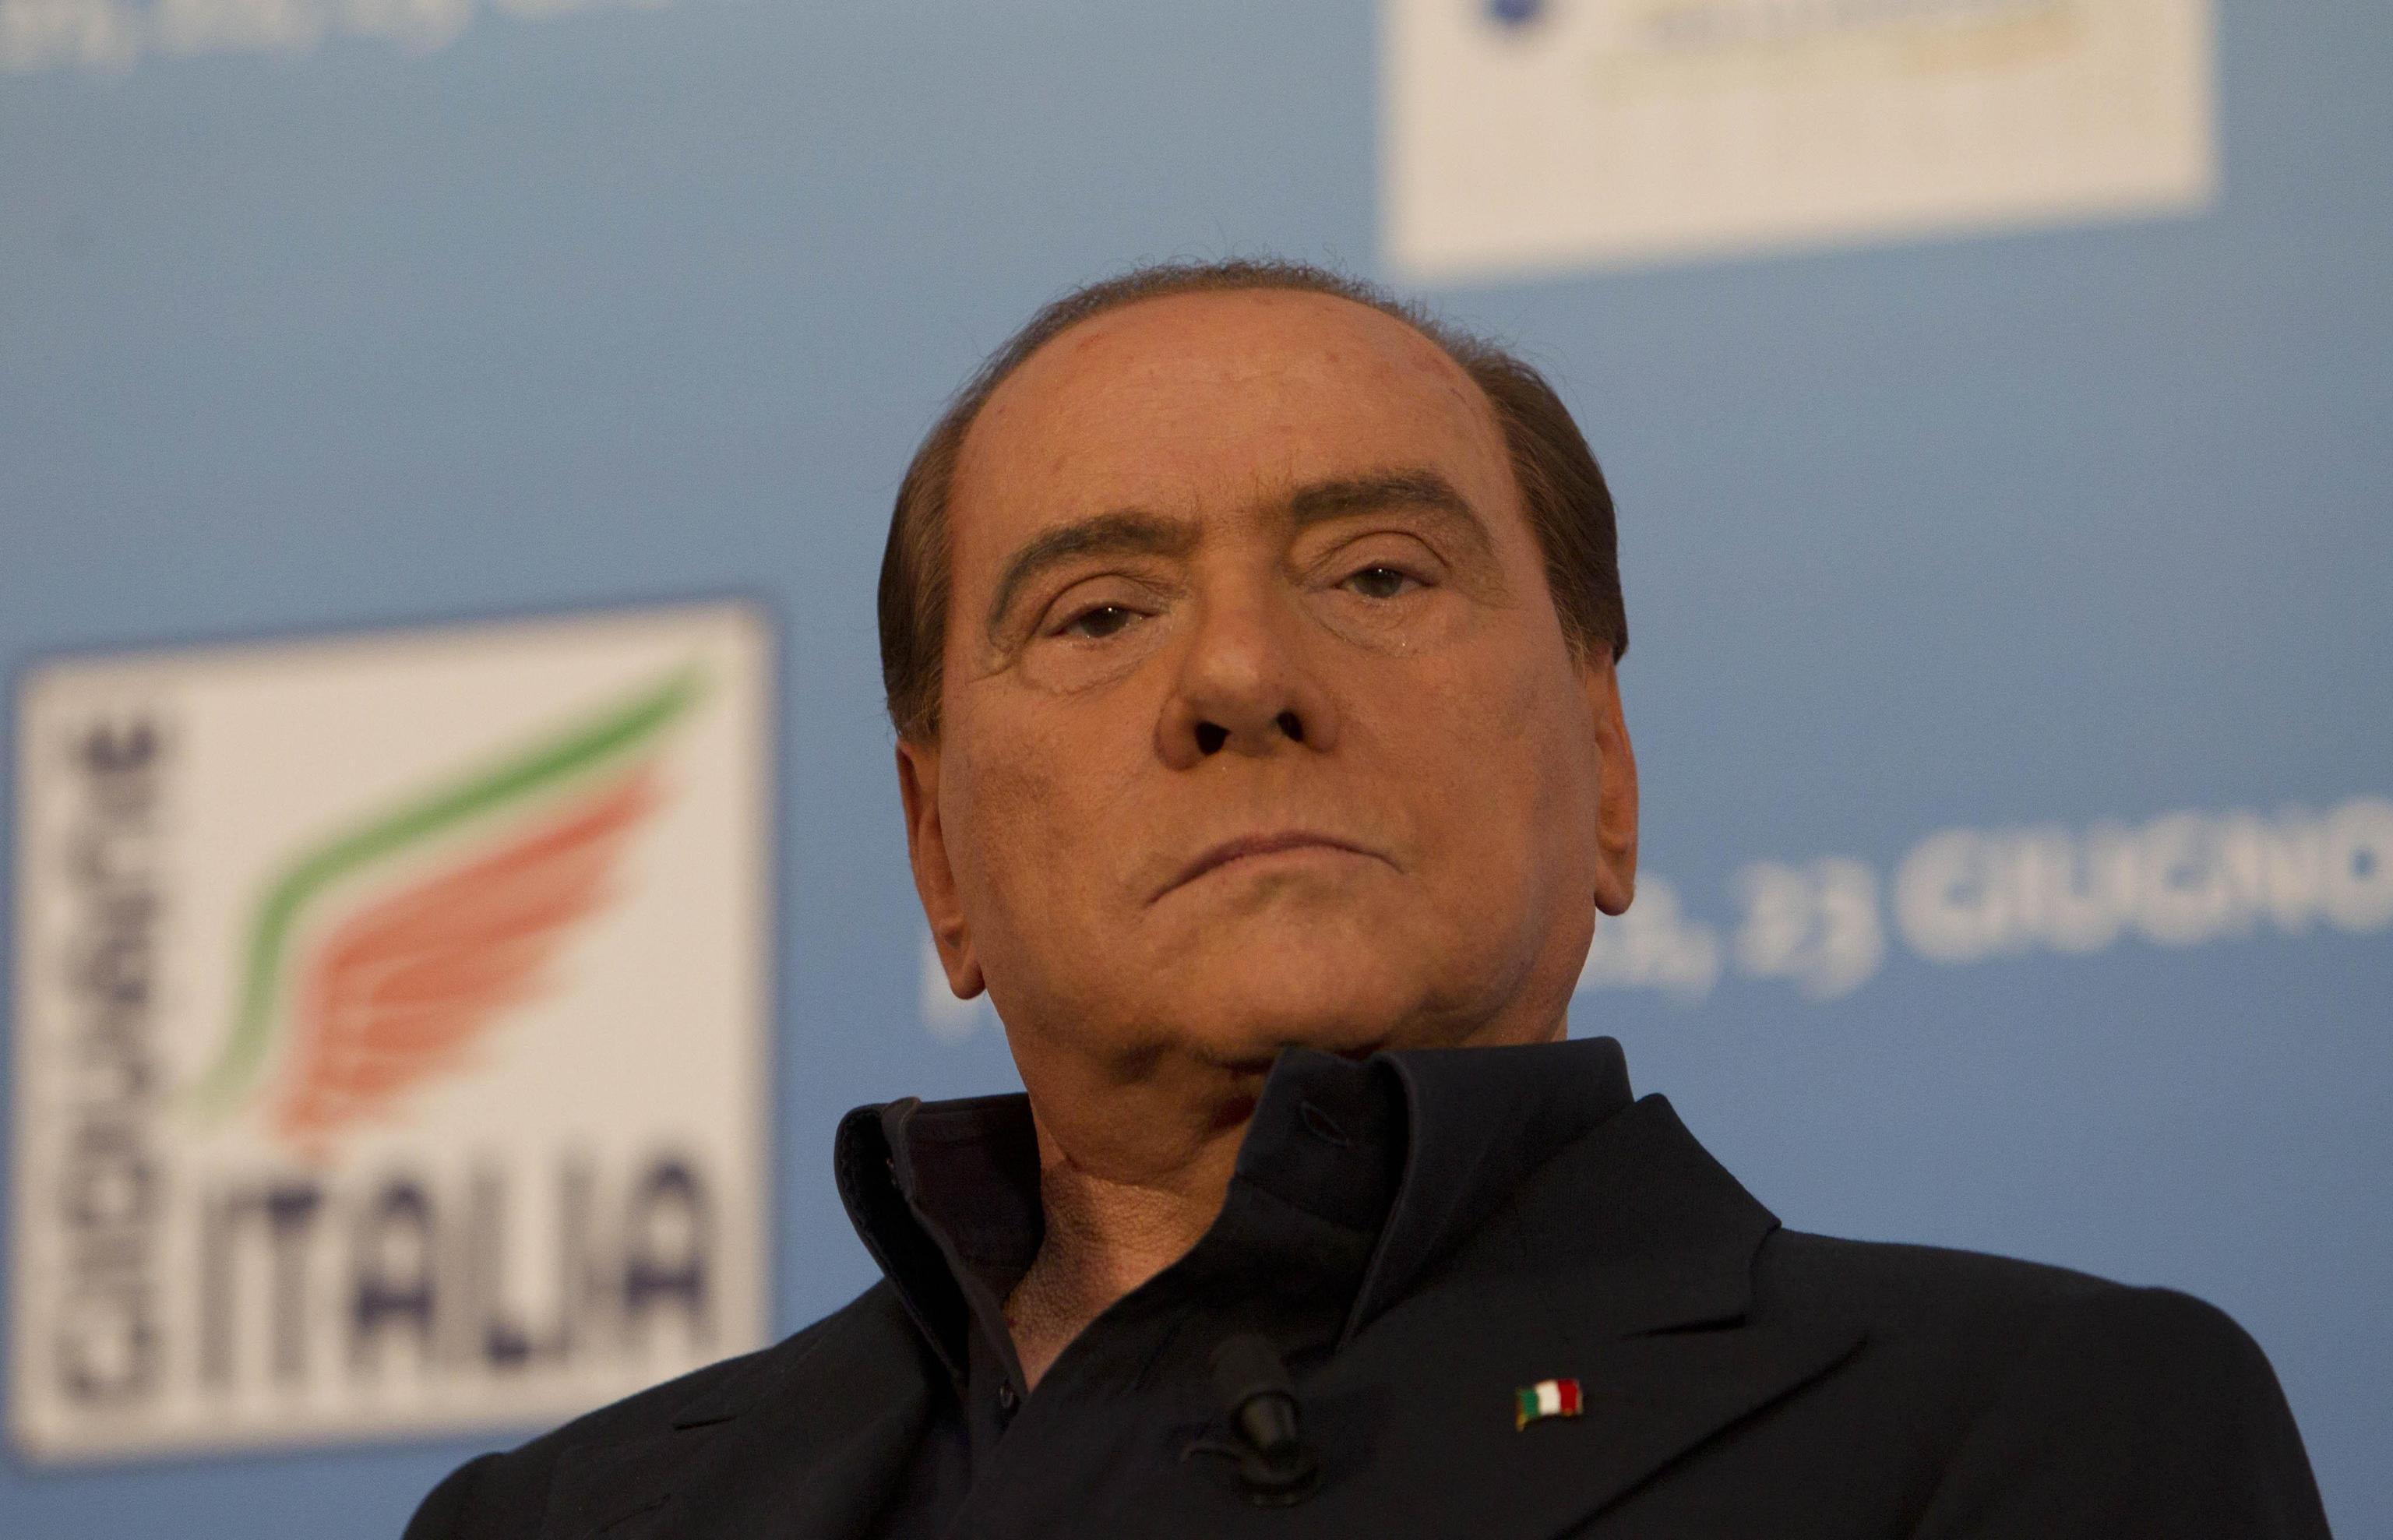 Silvio Berlusconi: malore improvviso al cuore